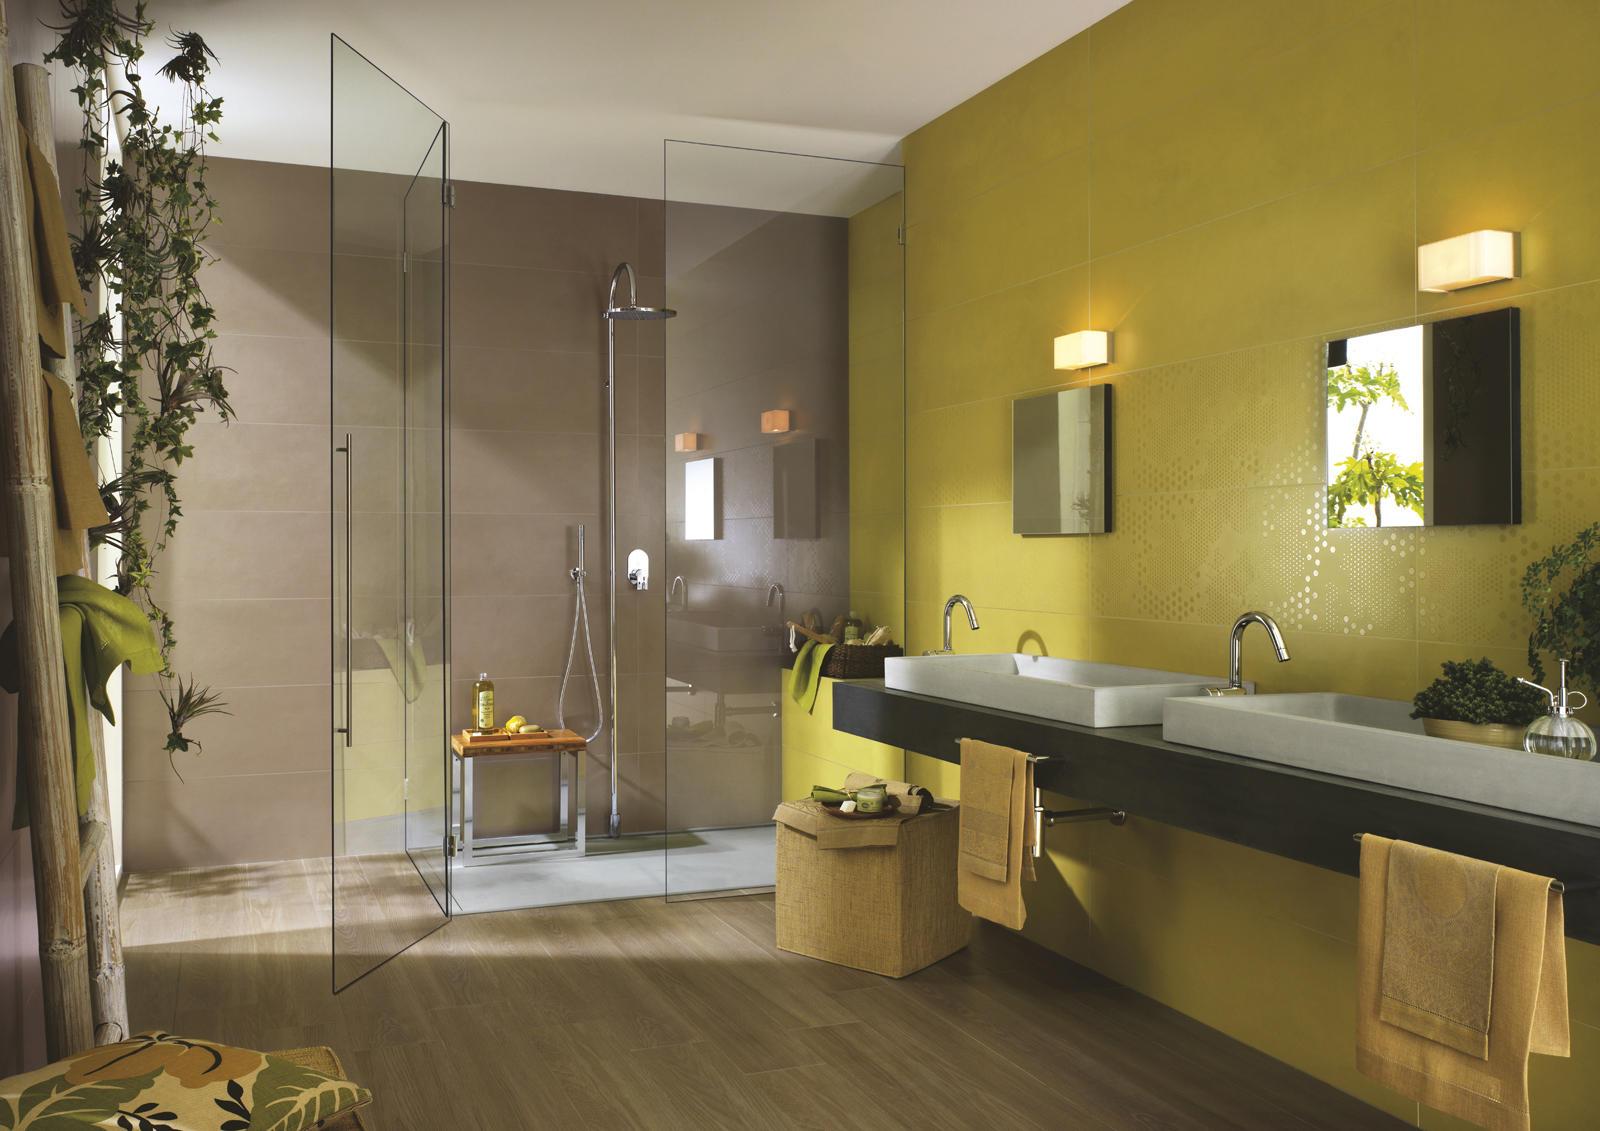 Mattonelle Bagno Verde Acqua : Mattonelle verdi per bagno piastrelle verdi cucina cucina moderna